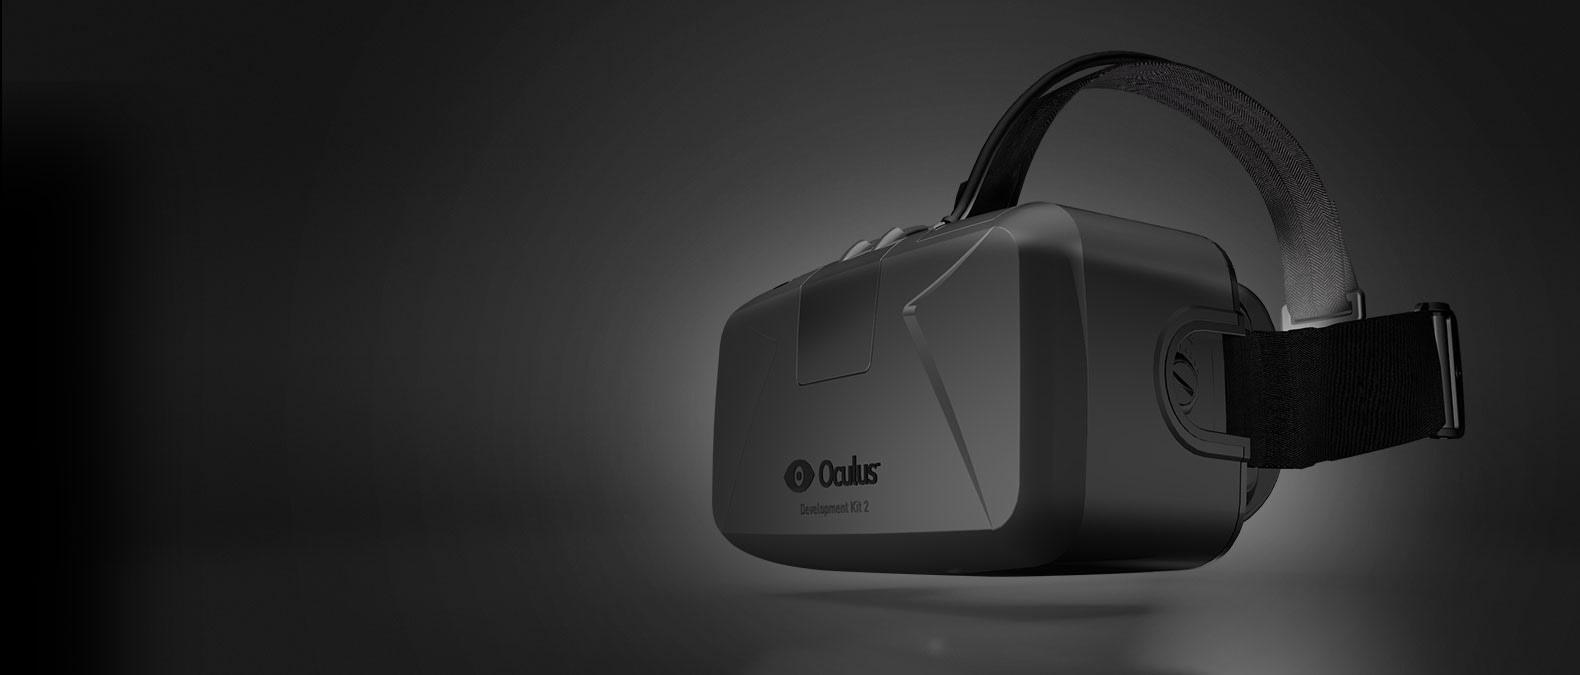 Oculus DK2.jpg